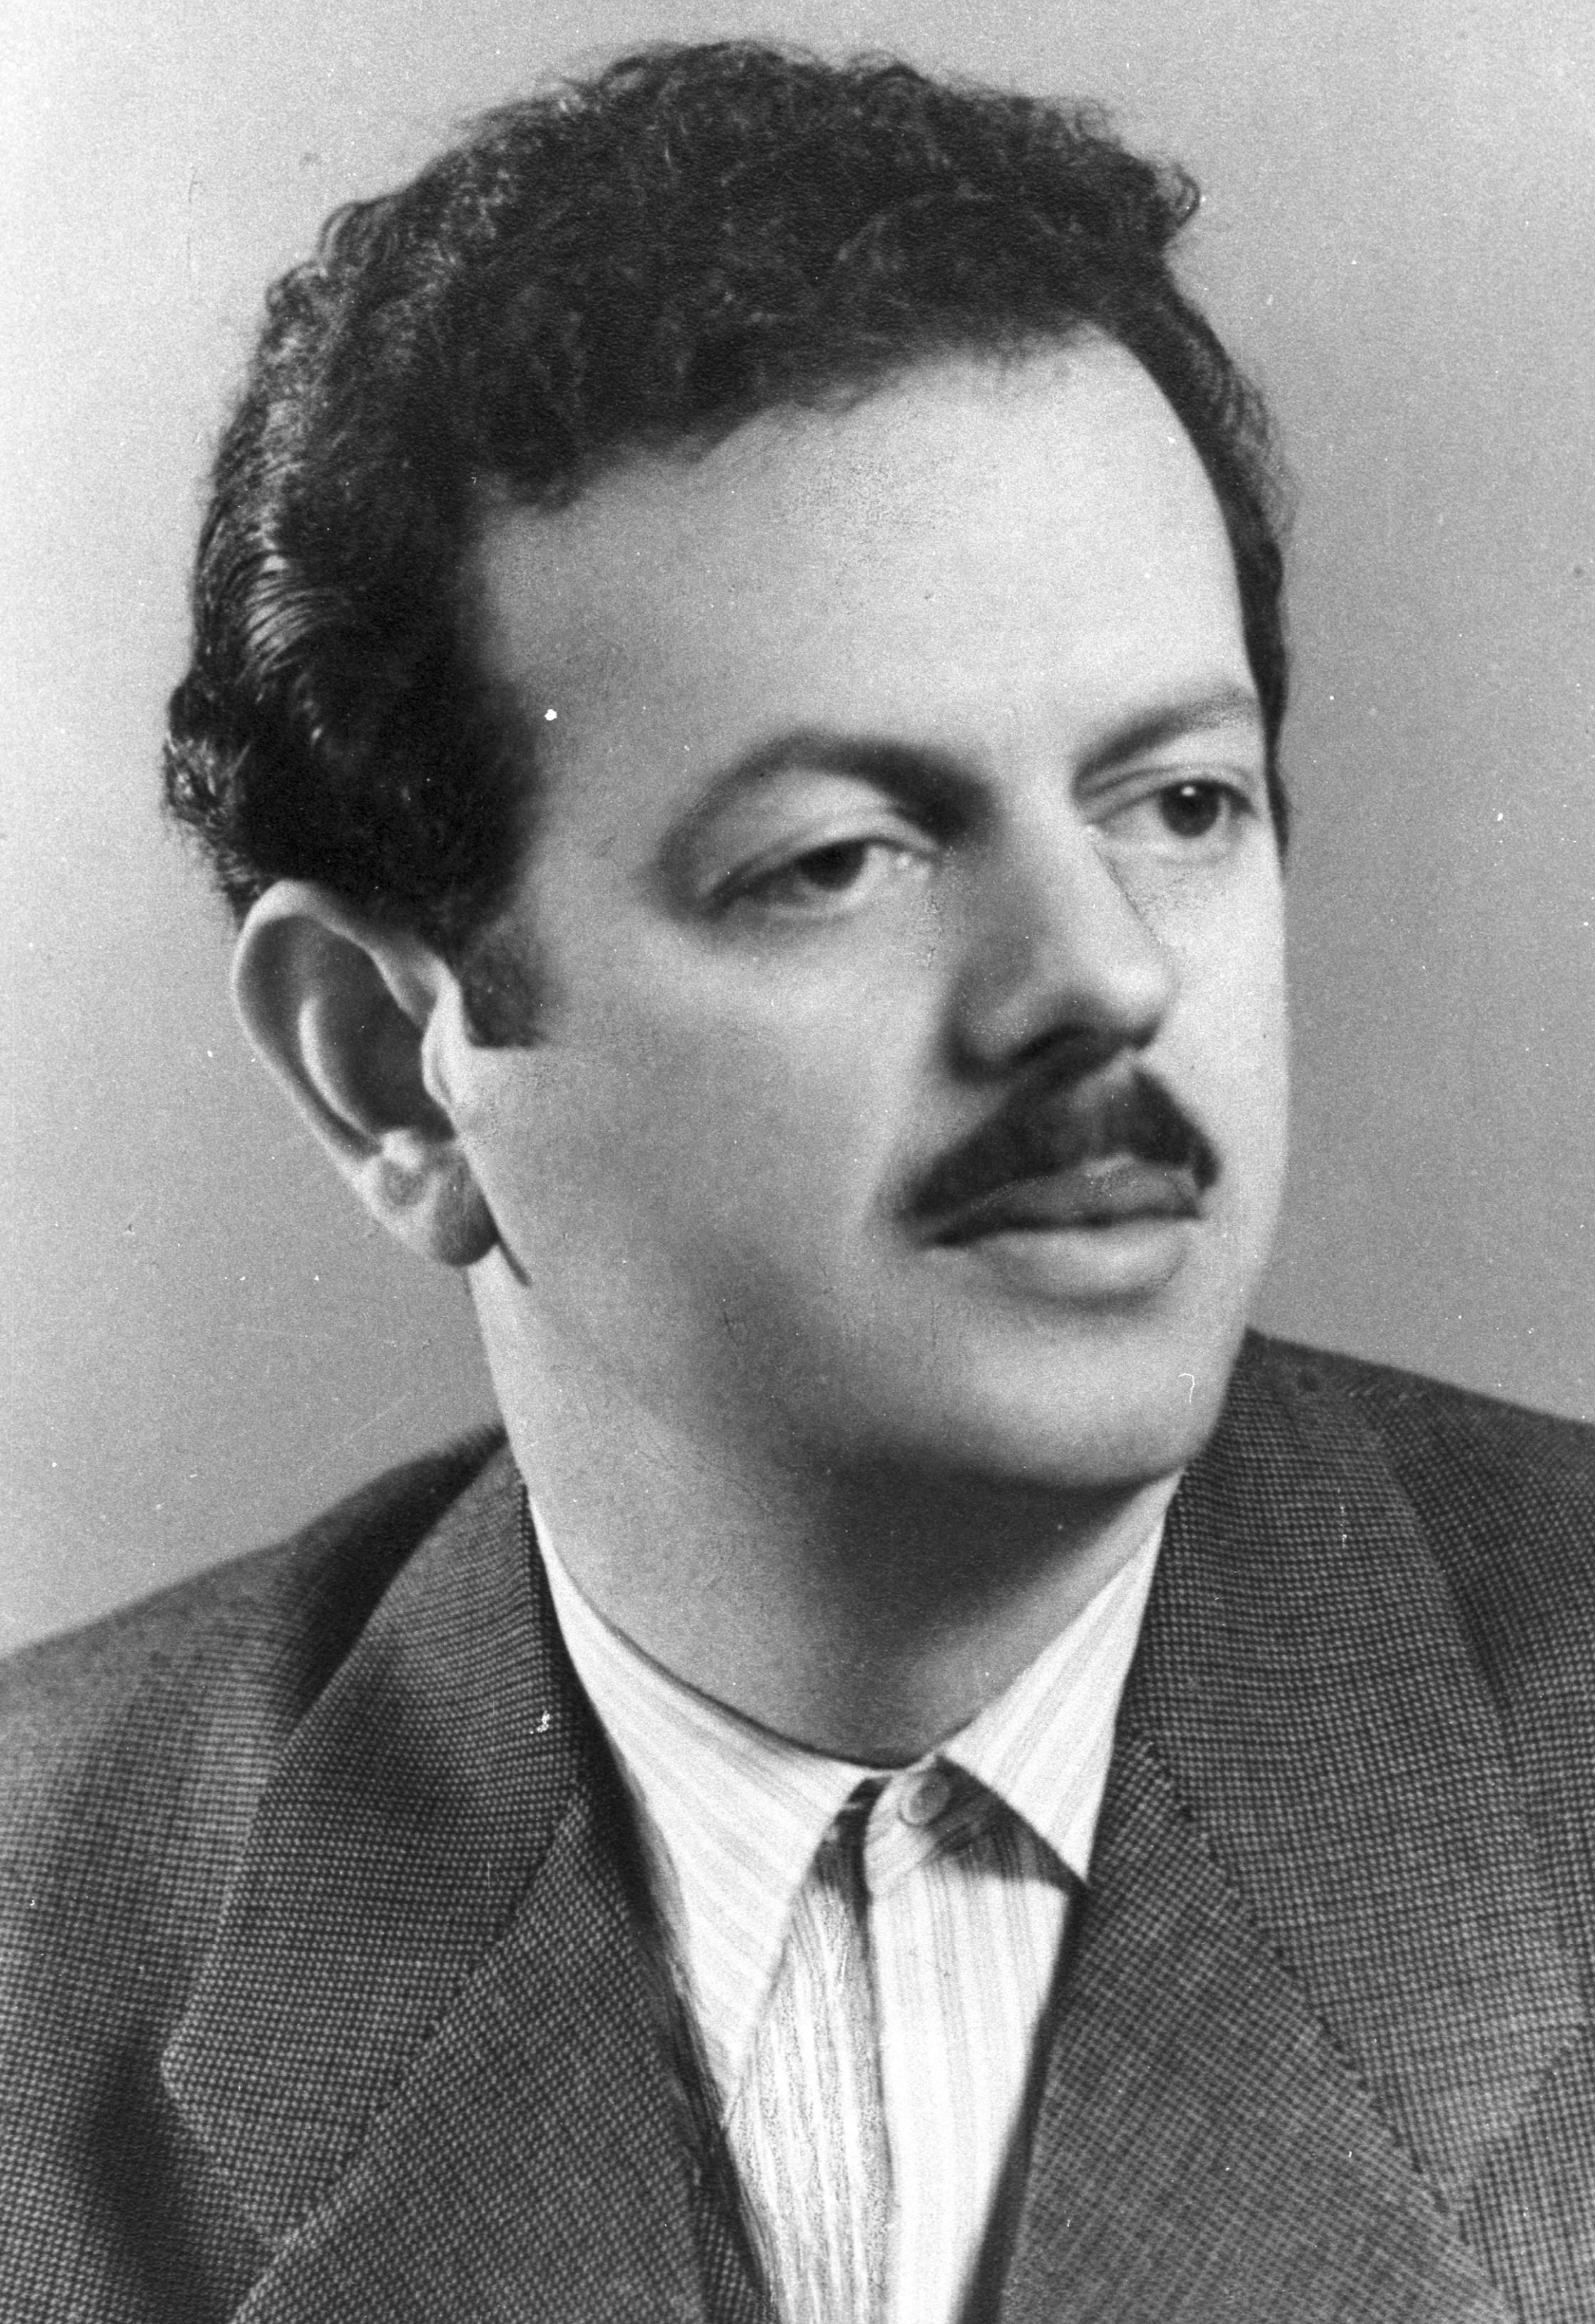 Βασίλης Τσιτσάνης